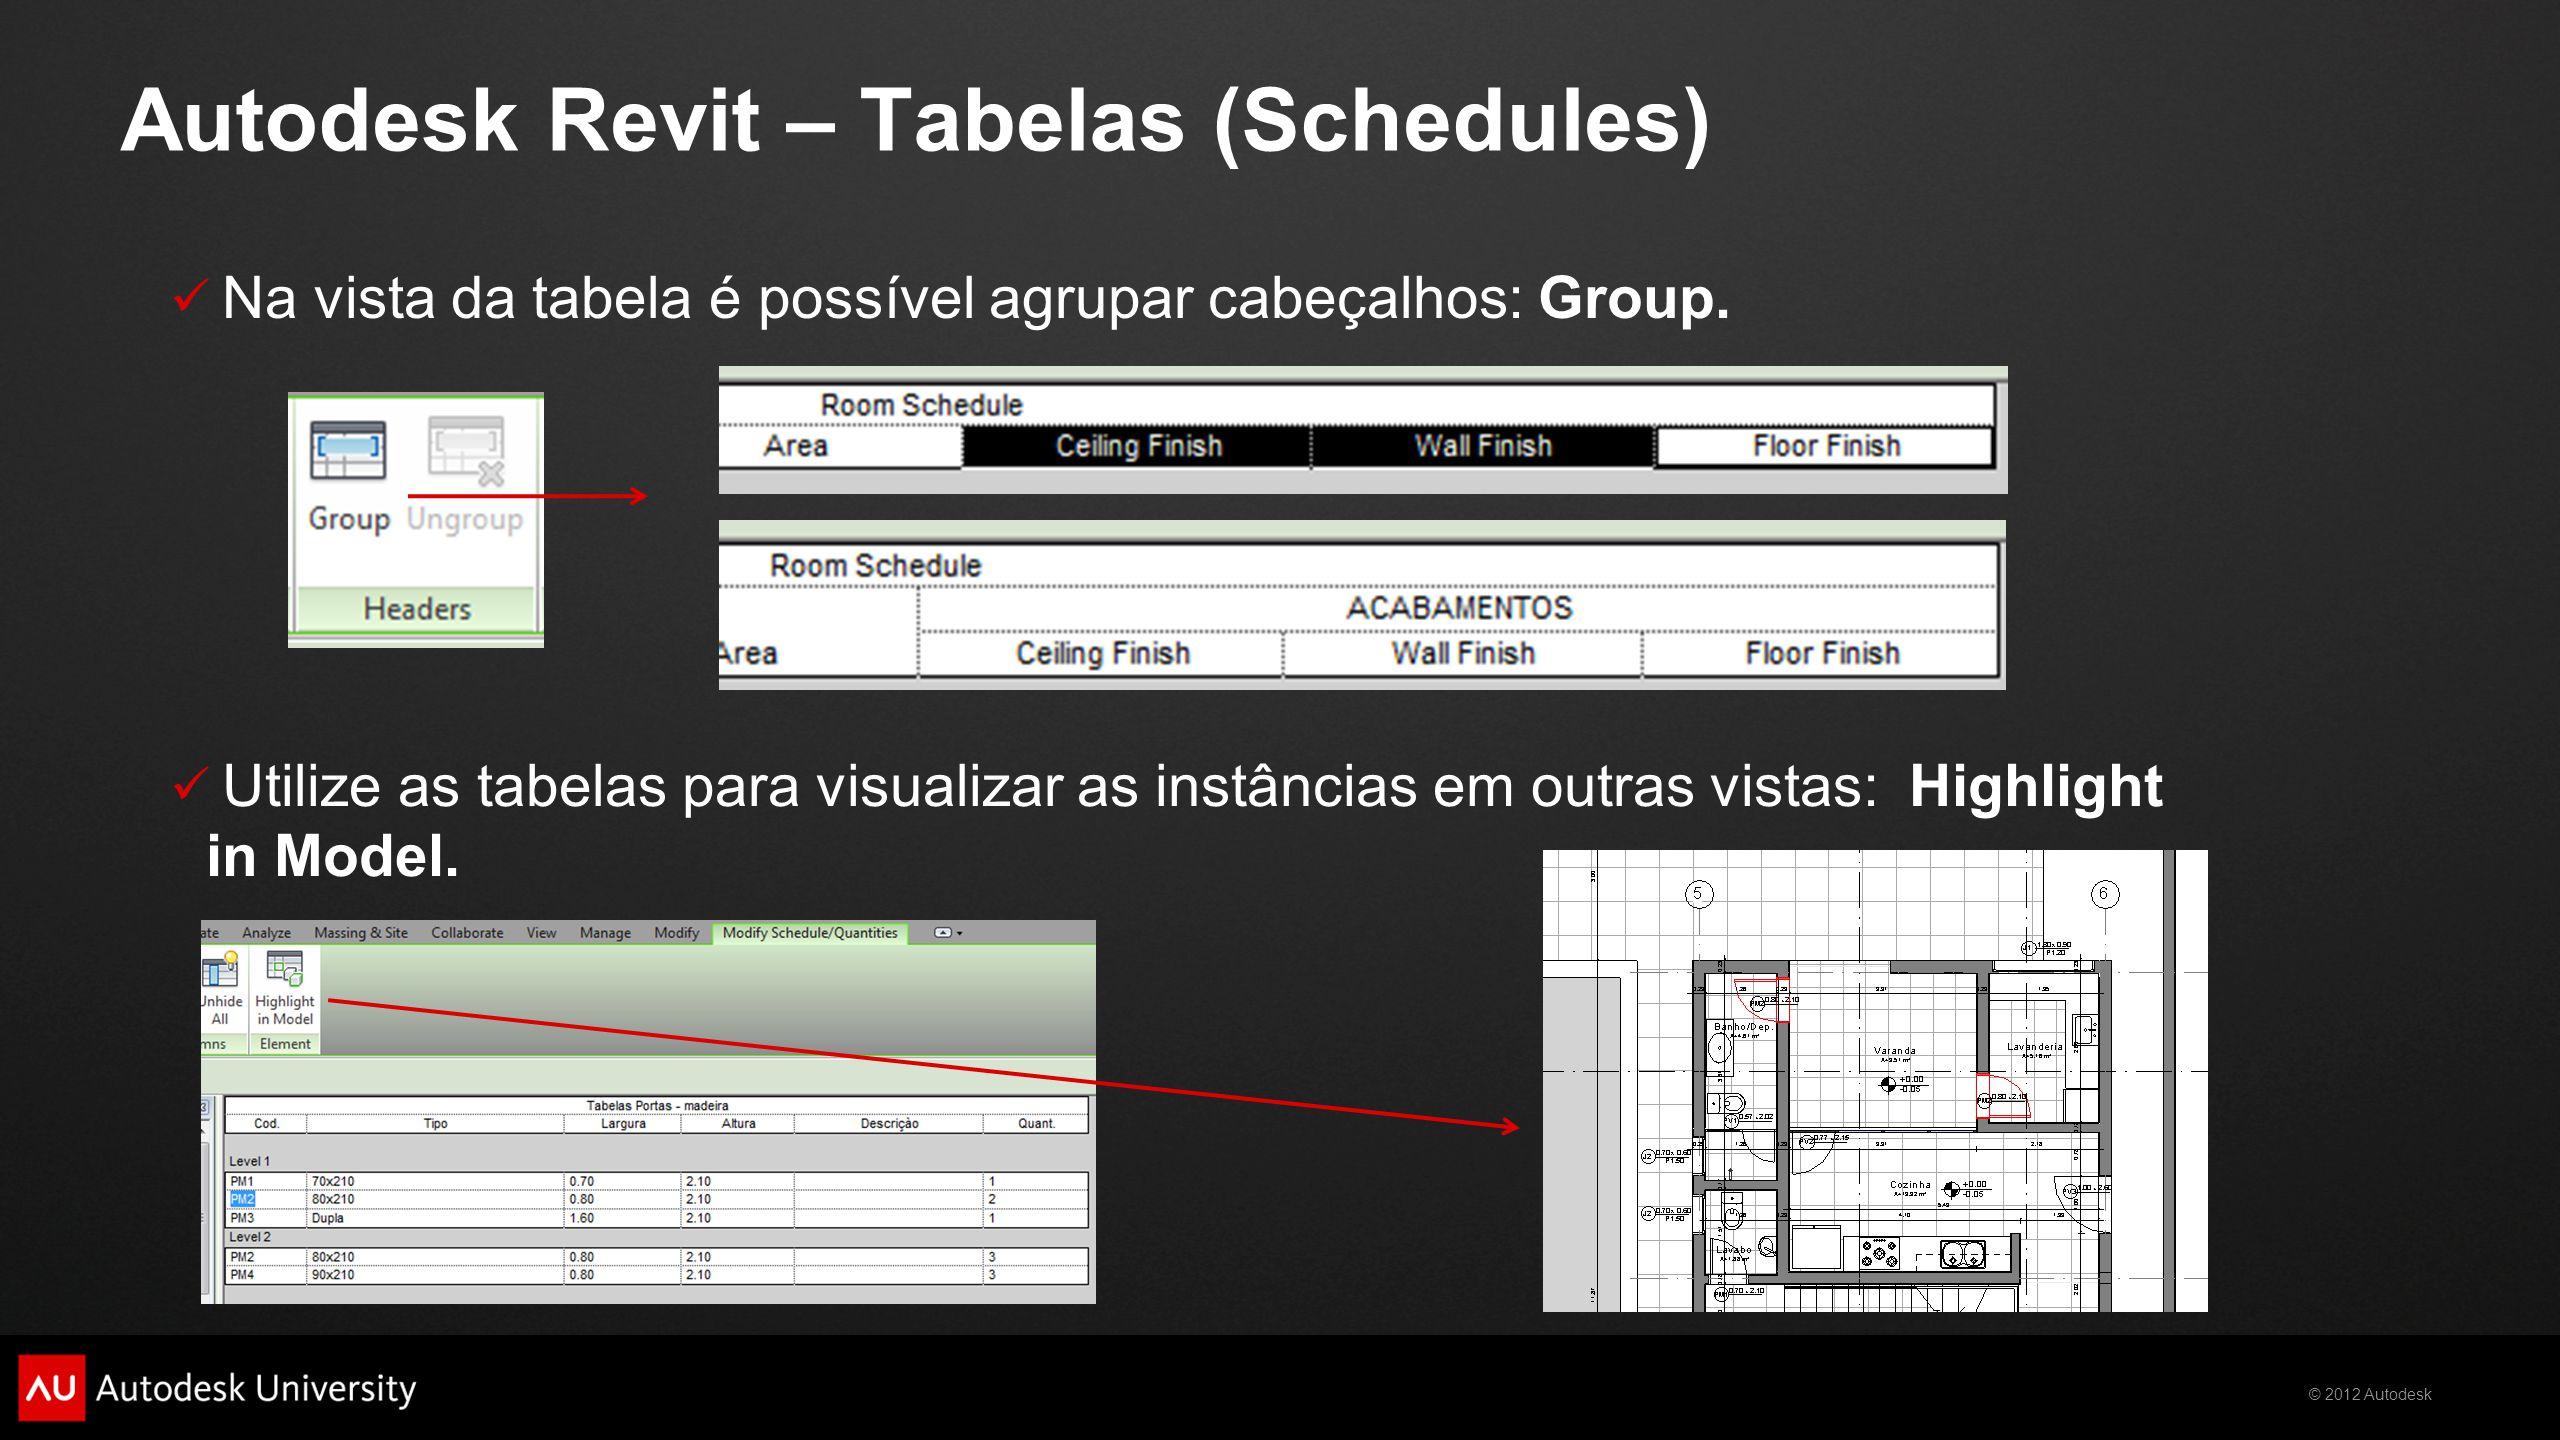 © 2012 Autodesk  Na vista da tabela é possível agrupar cabeçalhos: Group.  Utilize as tabelas para visualizar as instâncias em outras vistas: Highli